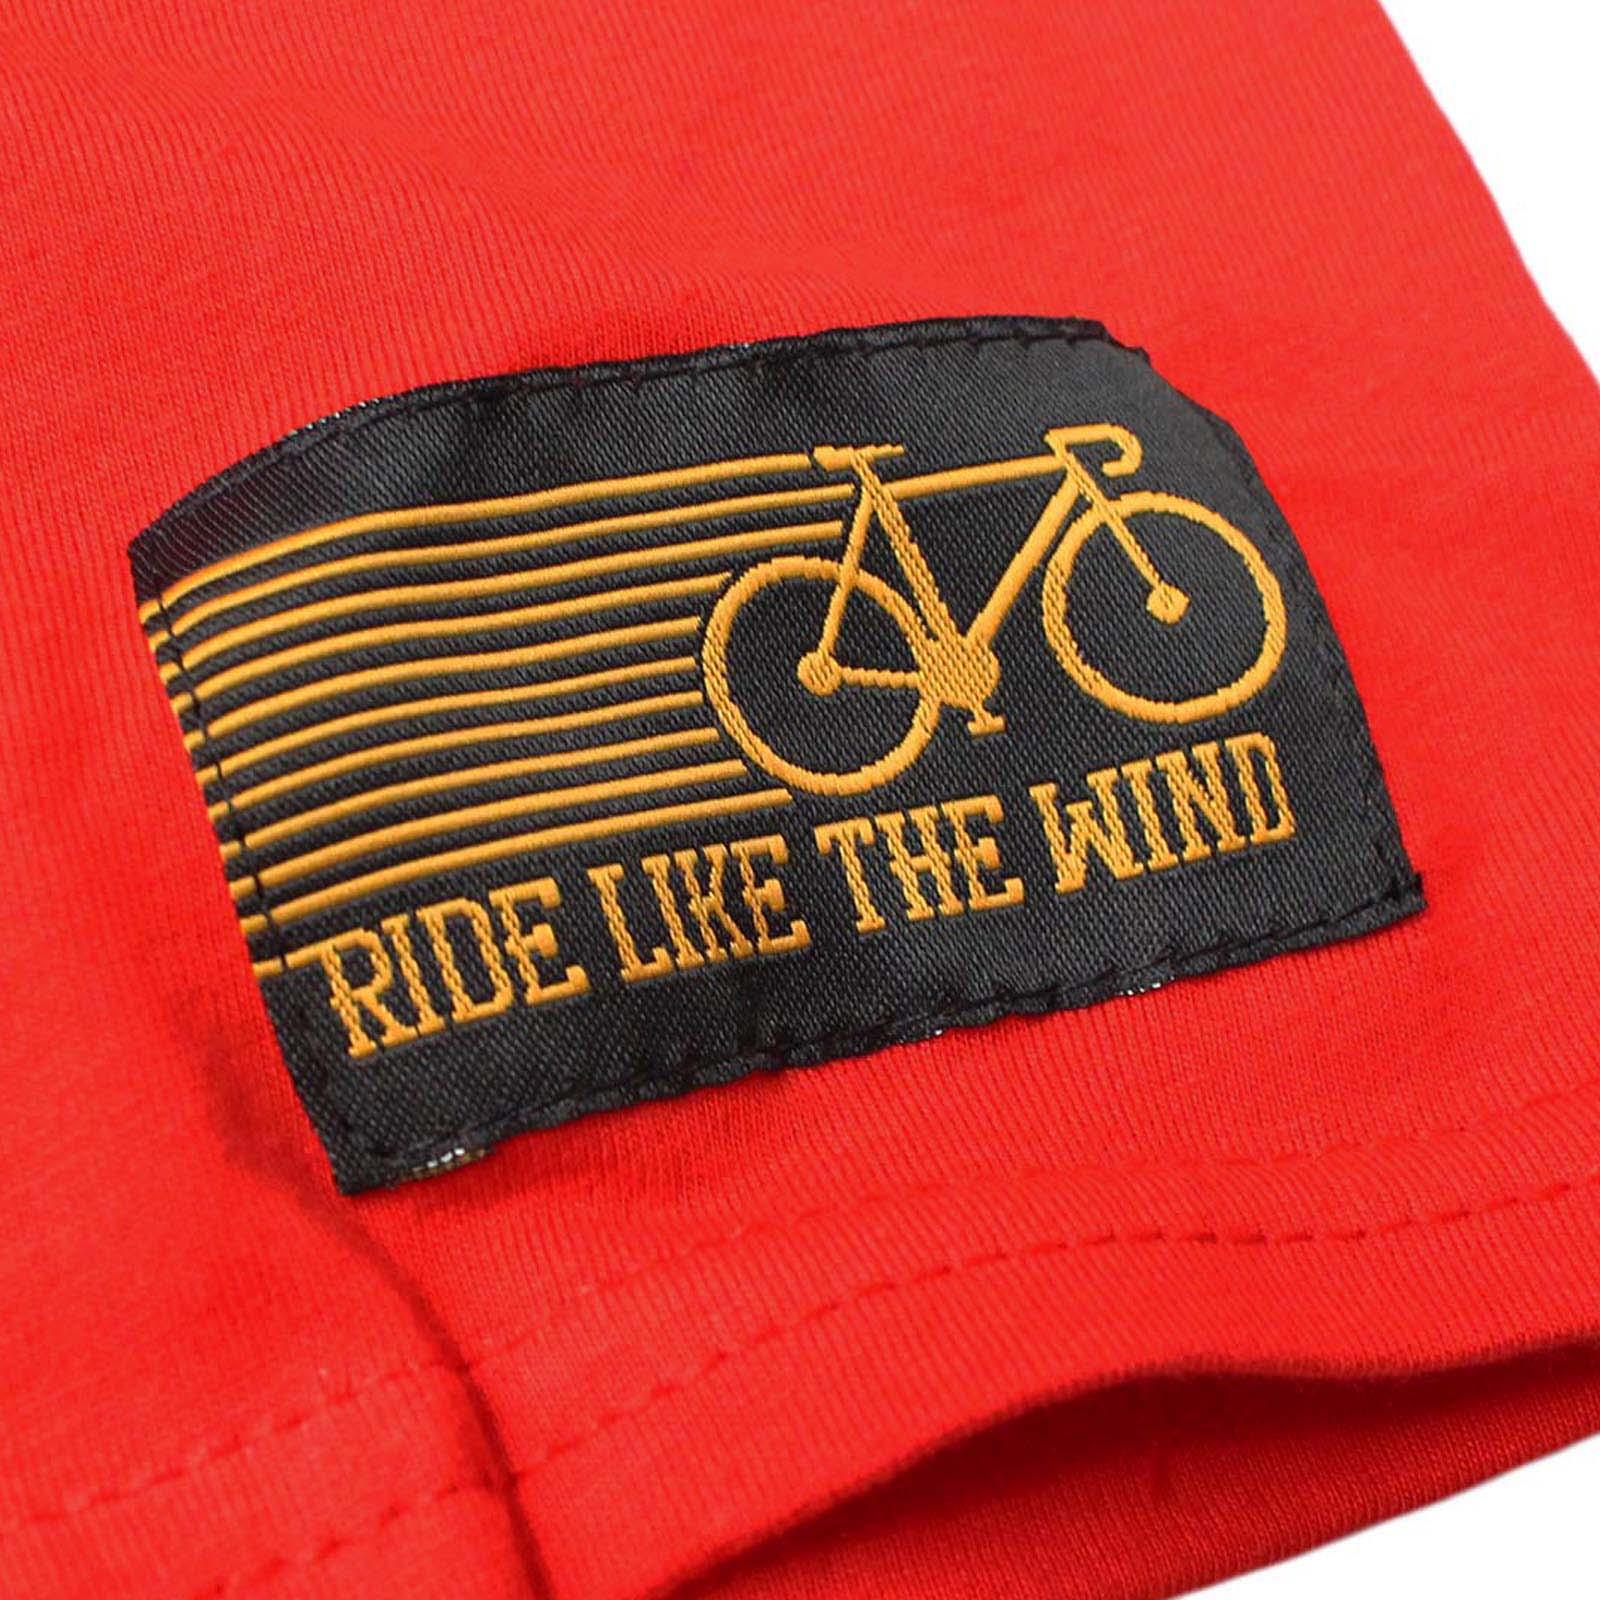 FB-Cycling-Tee-Ocd-Cycling-Novelty-Birthday-Christmas-Gift-Mens-T-Shirt thumbnail 35